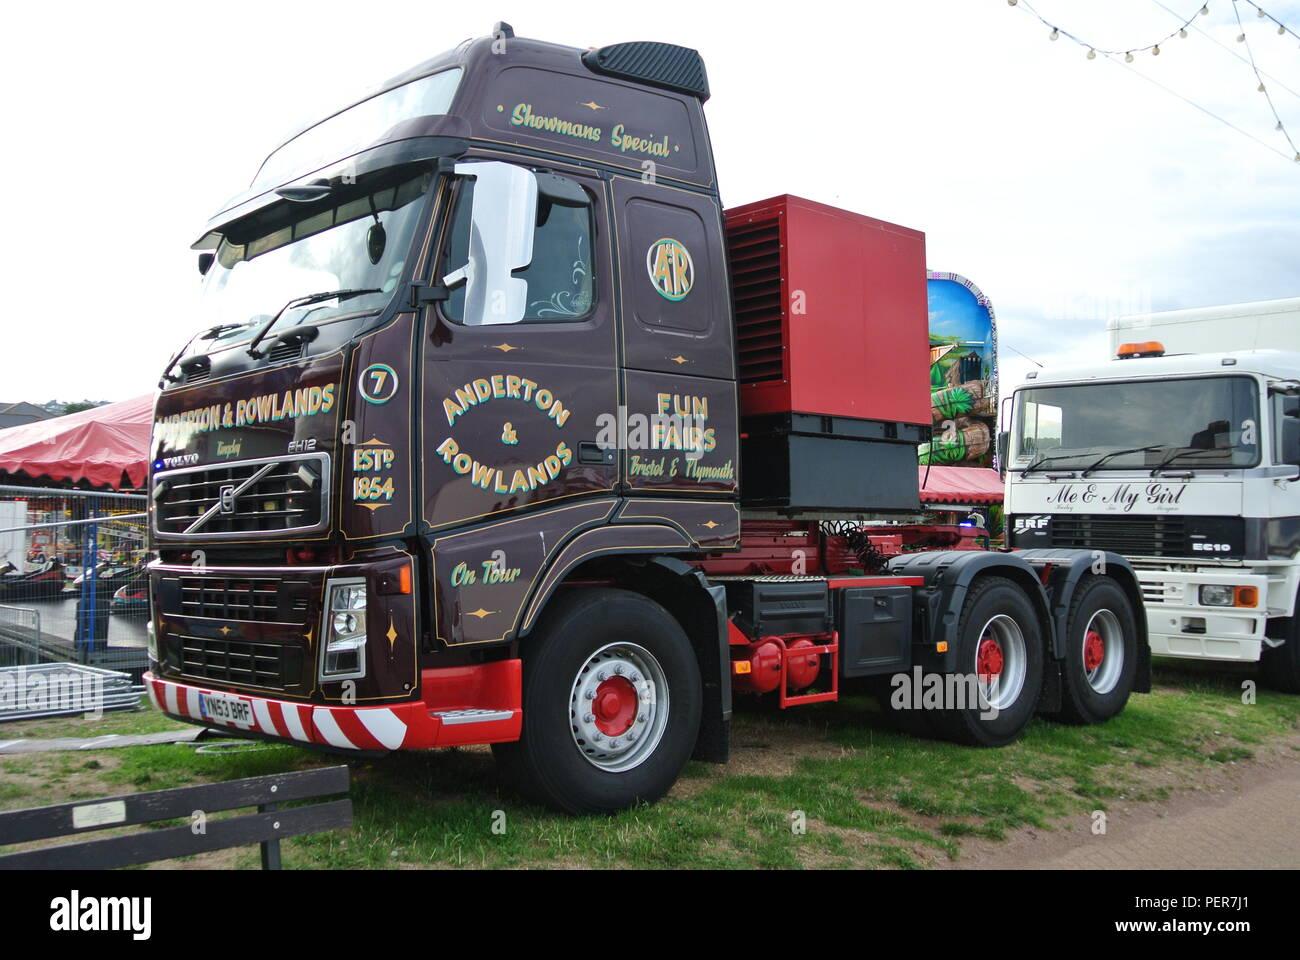 Fairground Truck Stock Photos Amp Fairground Truck Stock